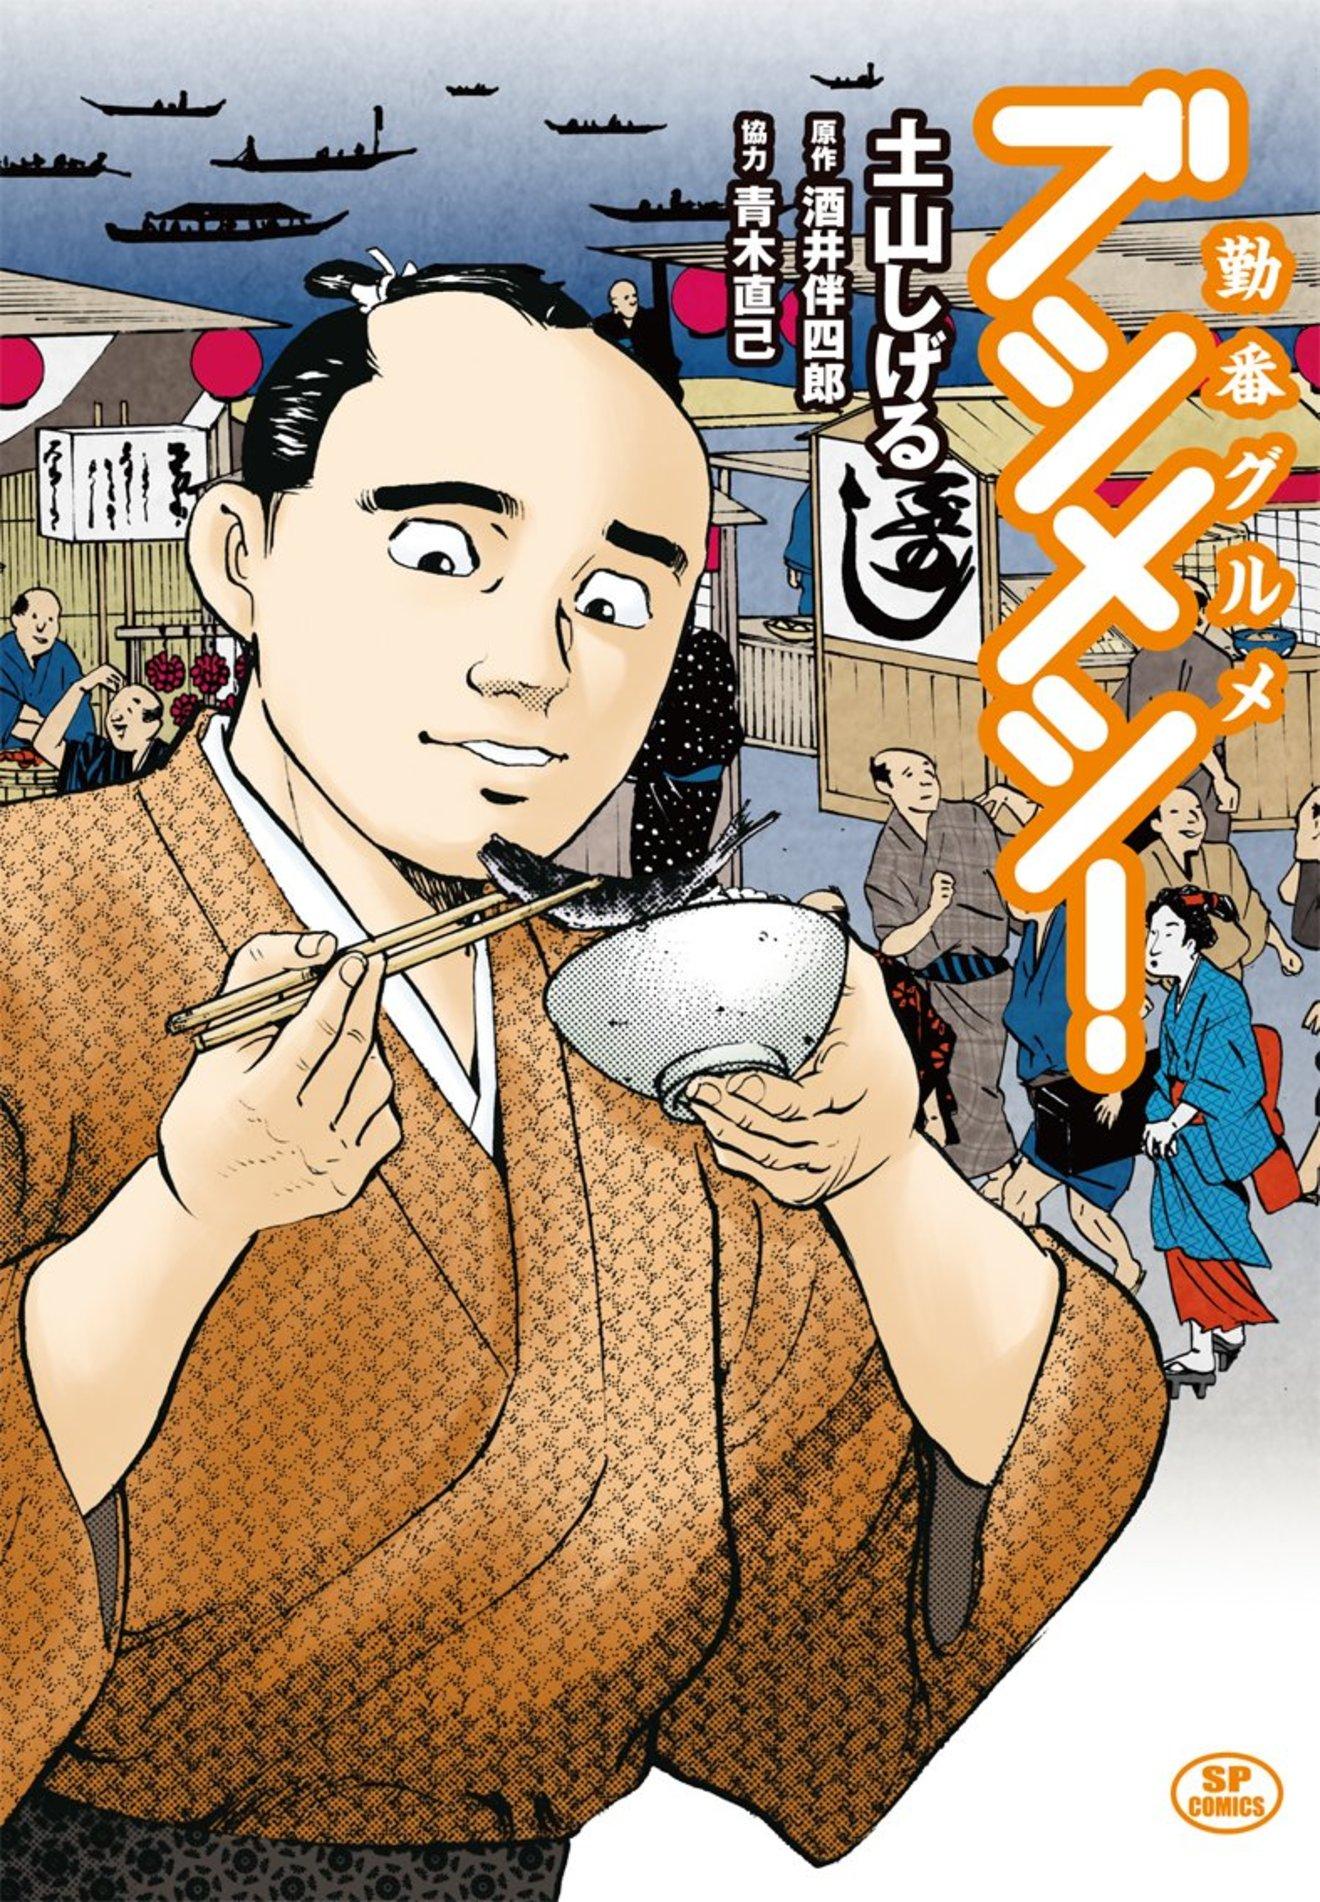 ドラマ原作漫画『勤番グルメブシメシ!』の魅力をネタバレ紹介!